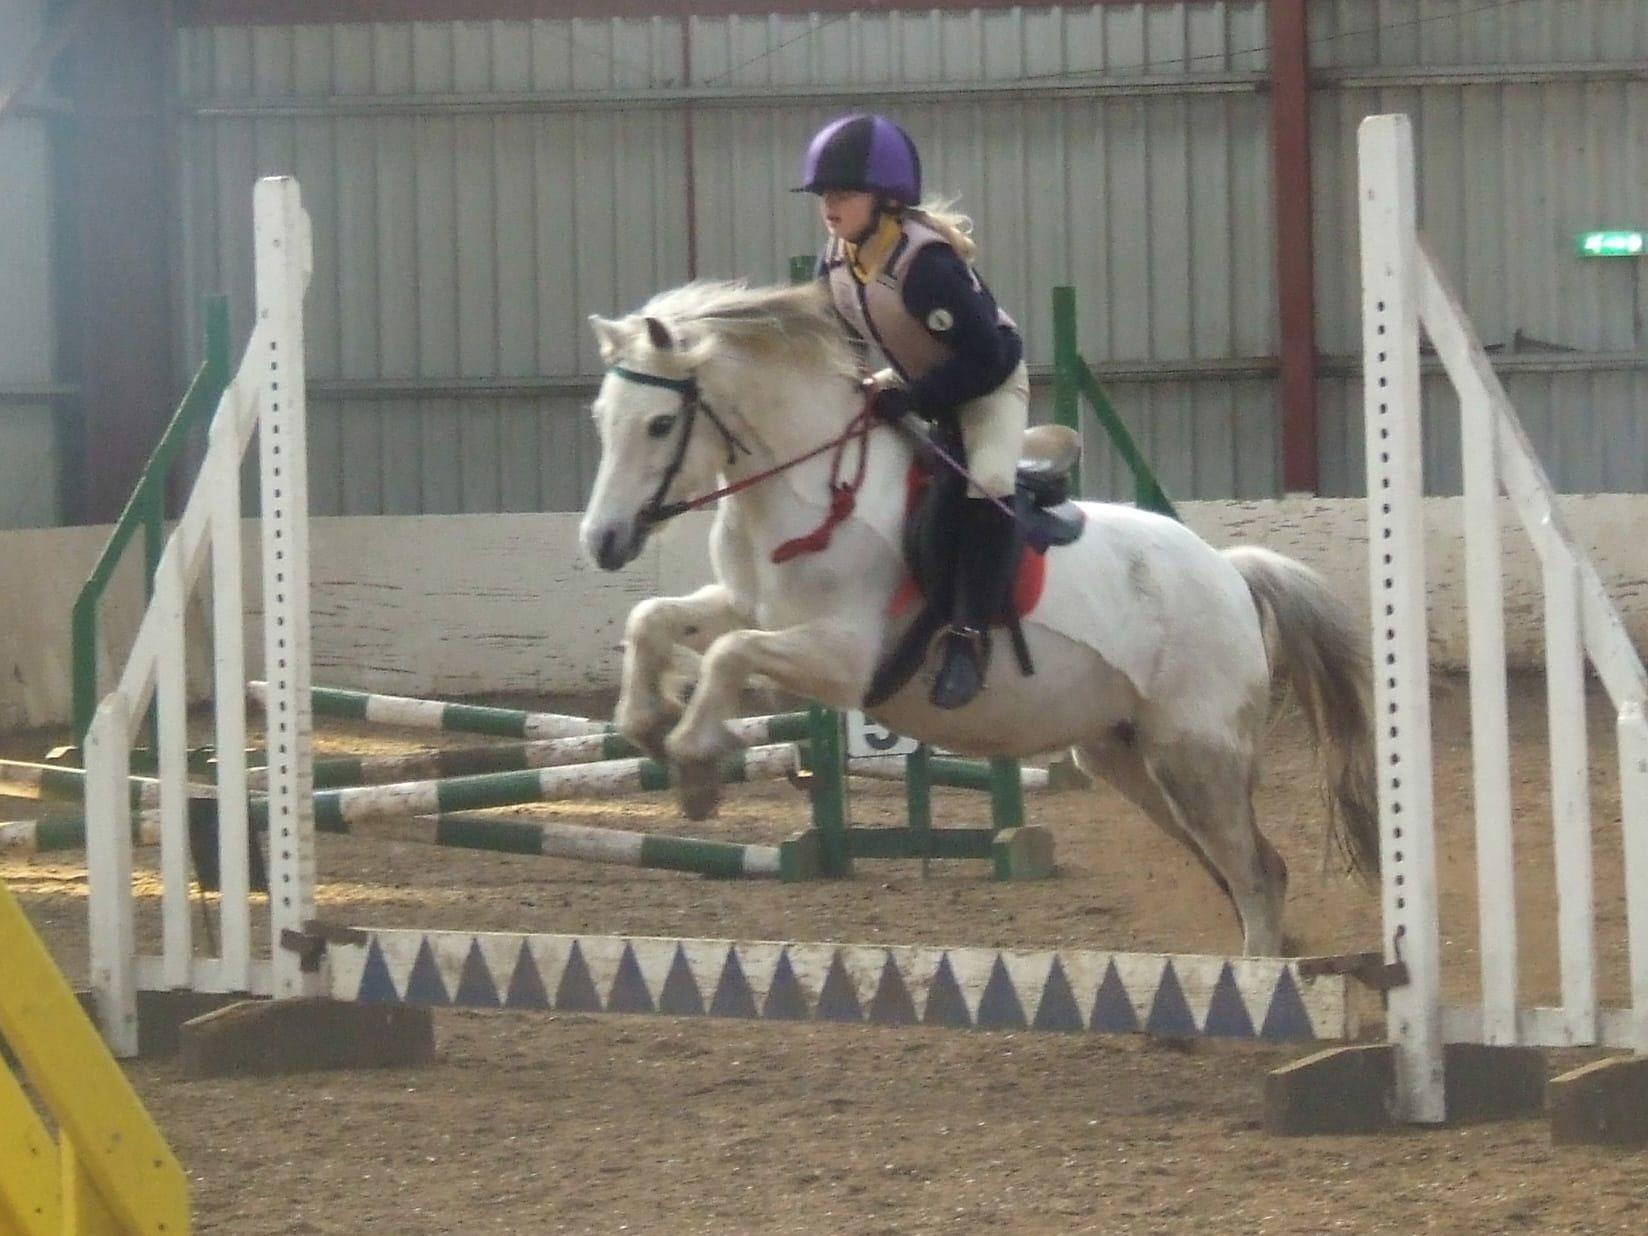 Horses Talygarn Equestrian Centre